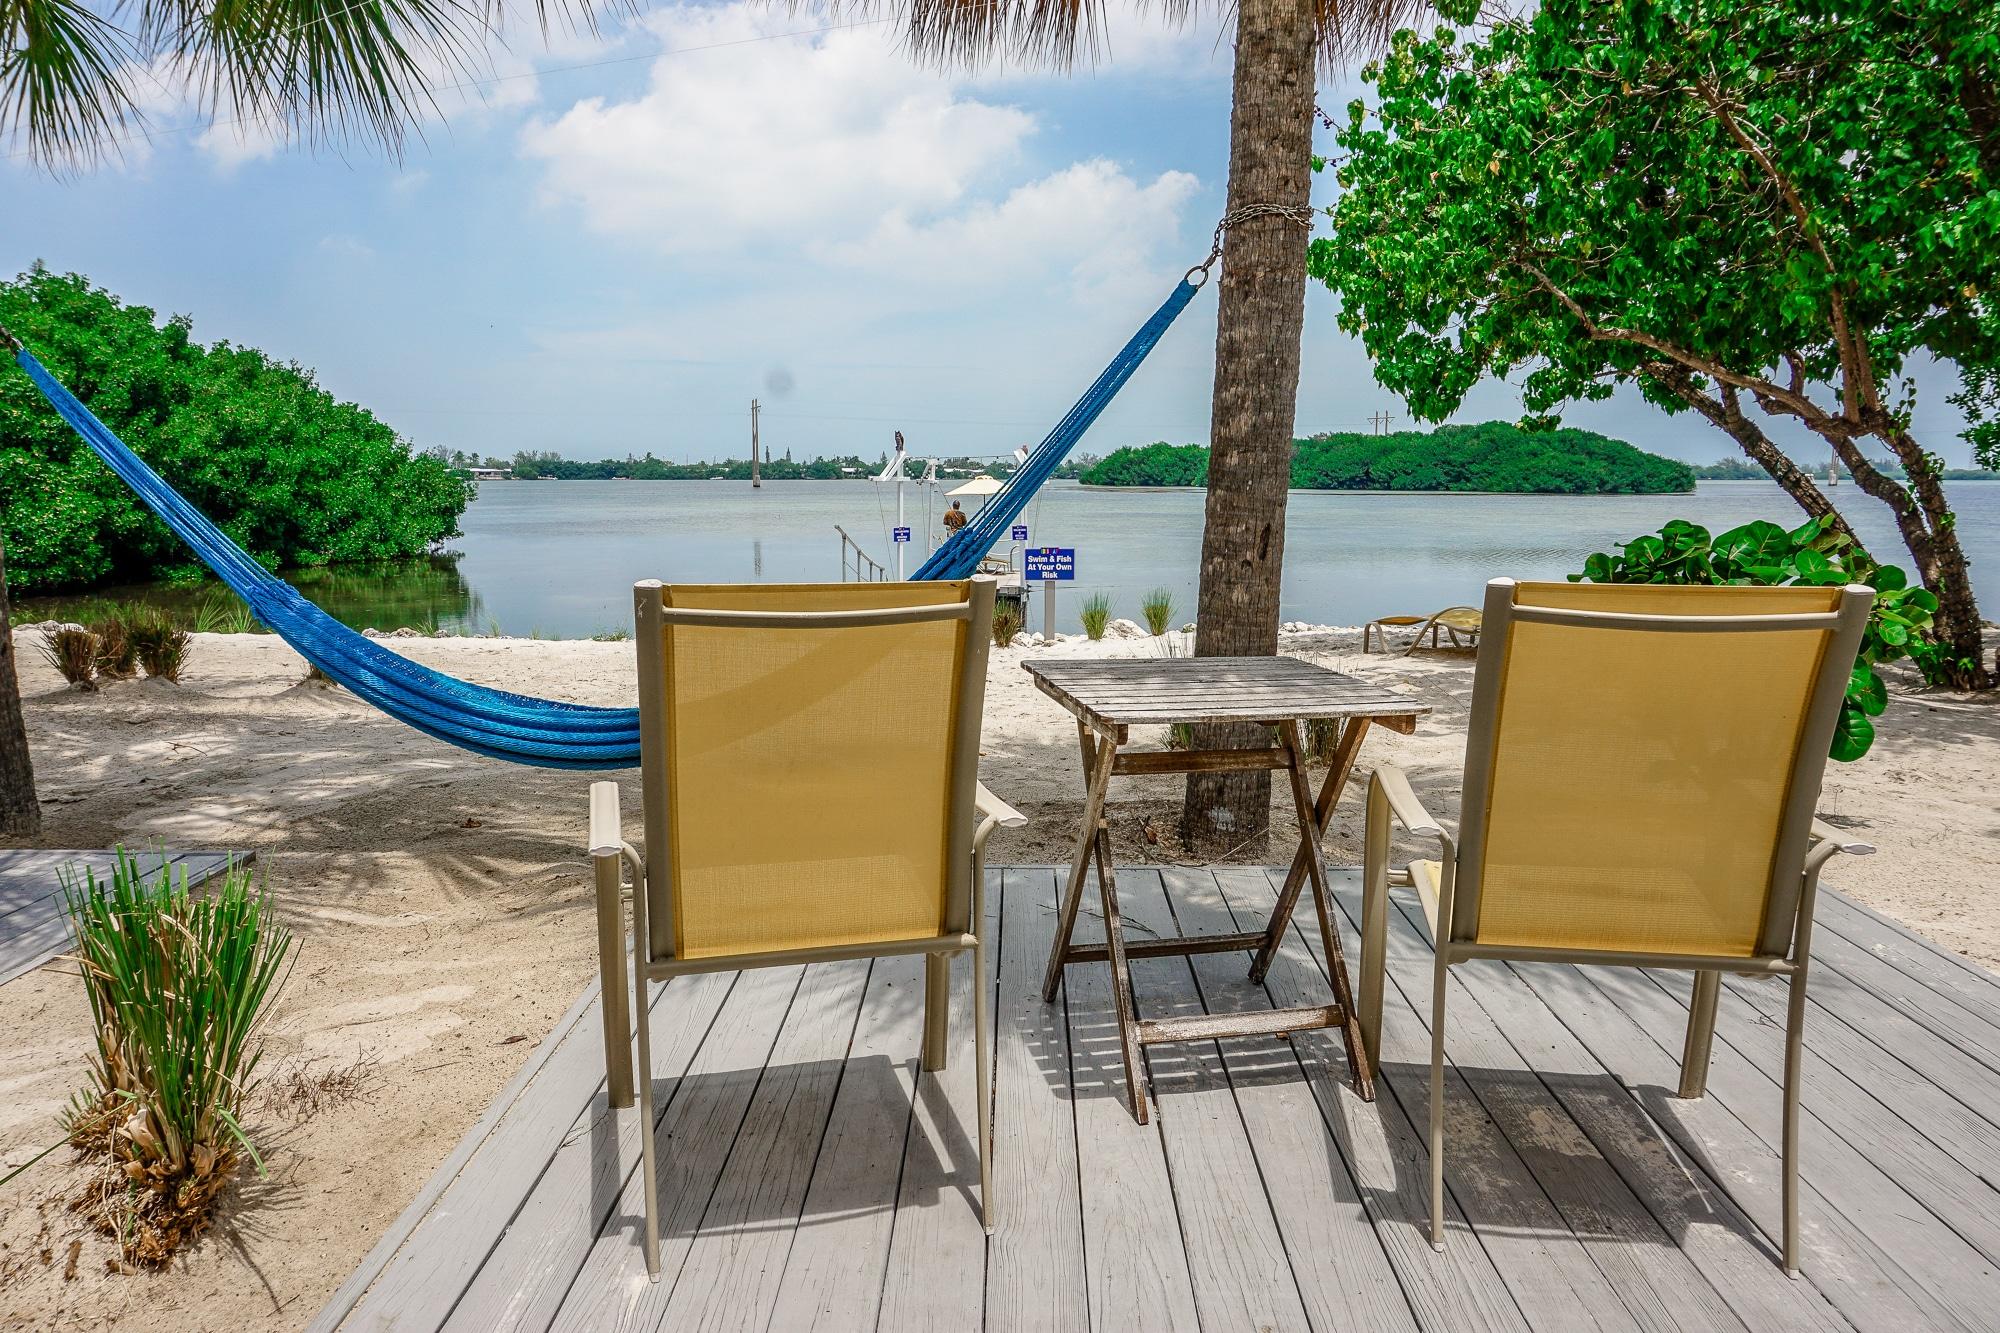 Florida Keys Reisetipps - Tipps und Empfehlungen für die Reise nach Key Largo und Key West